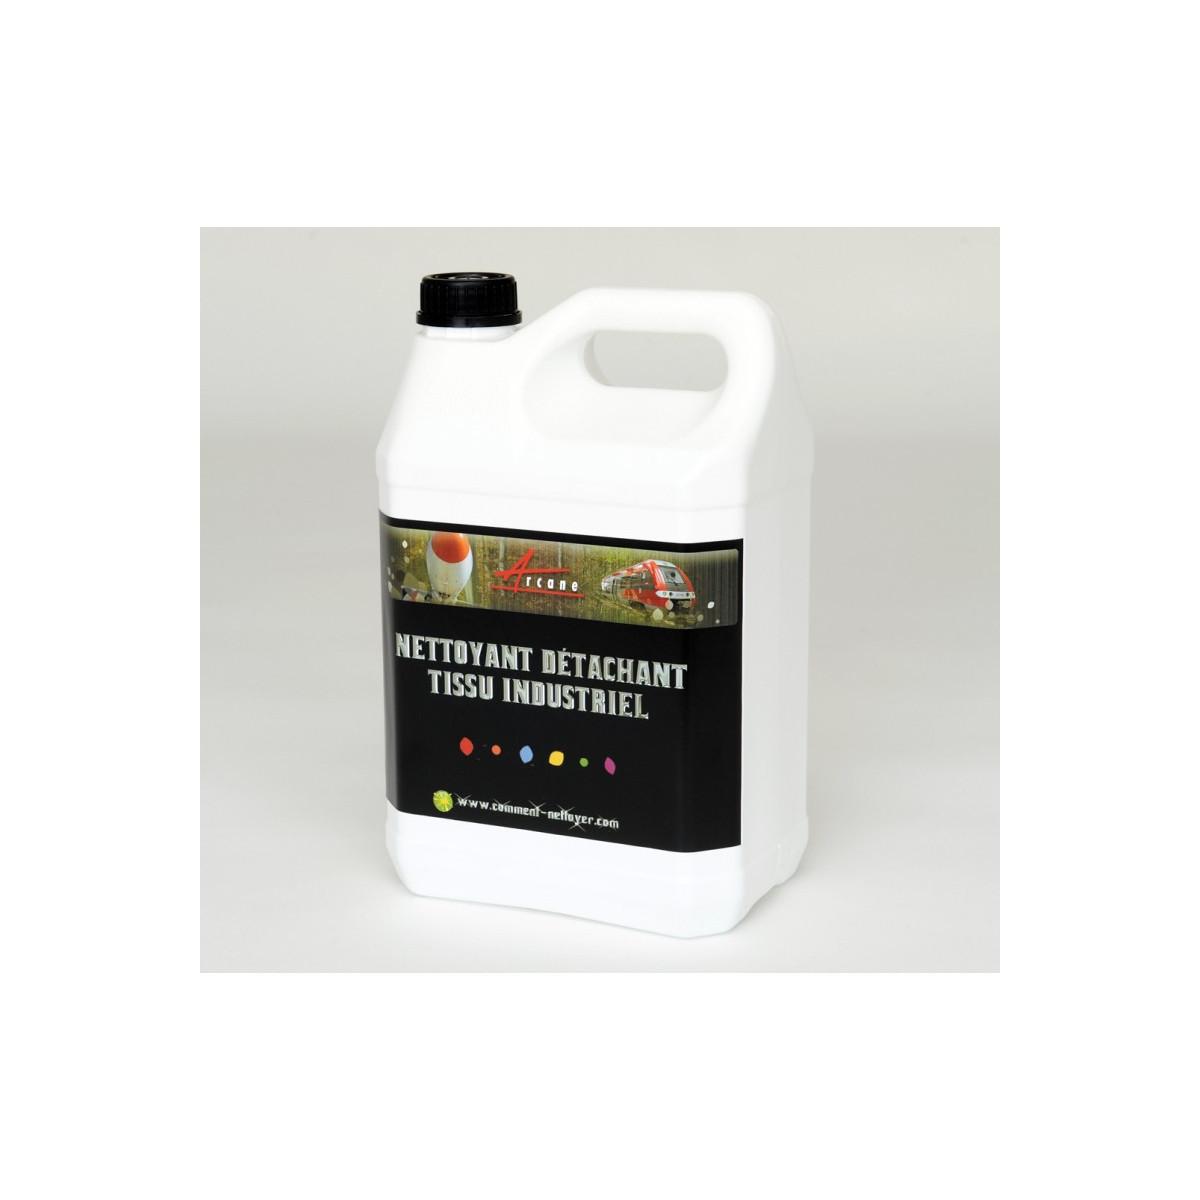 Nettoyant d tachant tissu industriel blanchisserie for Nettoyant pvc professionnel